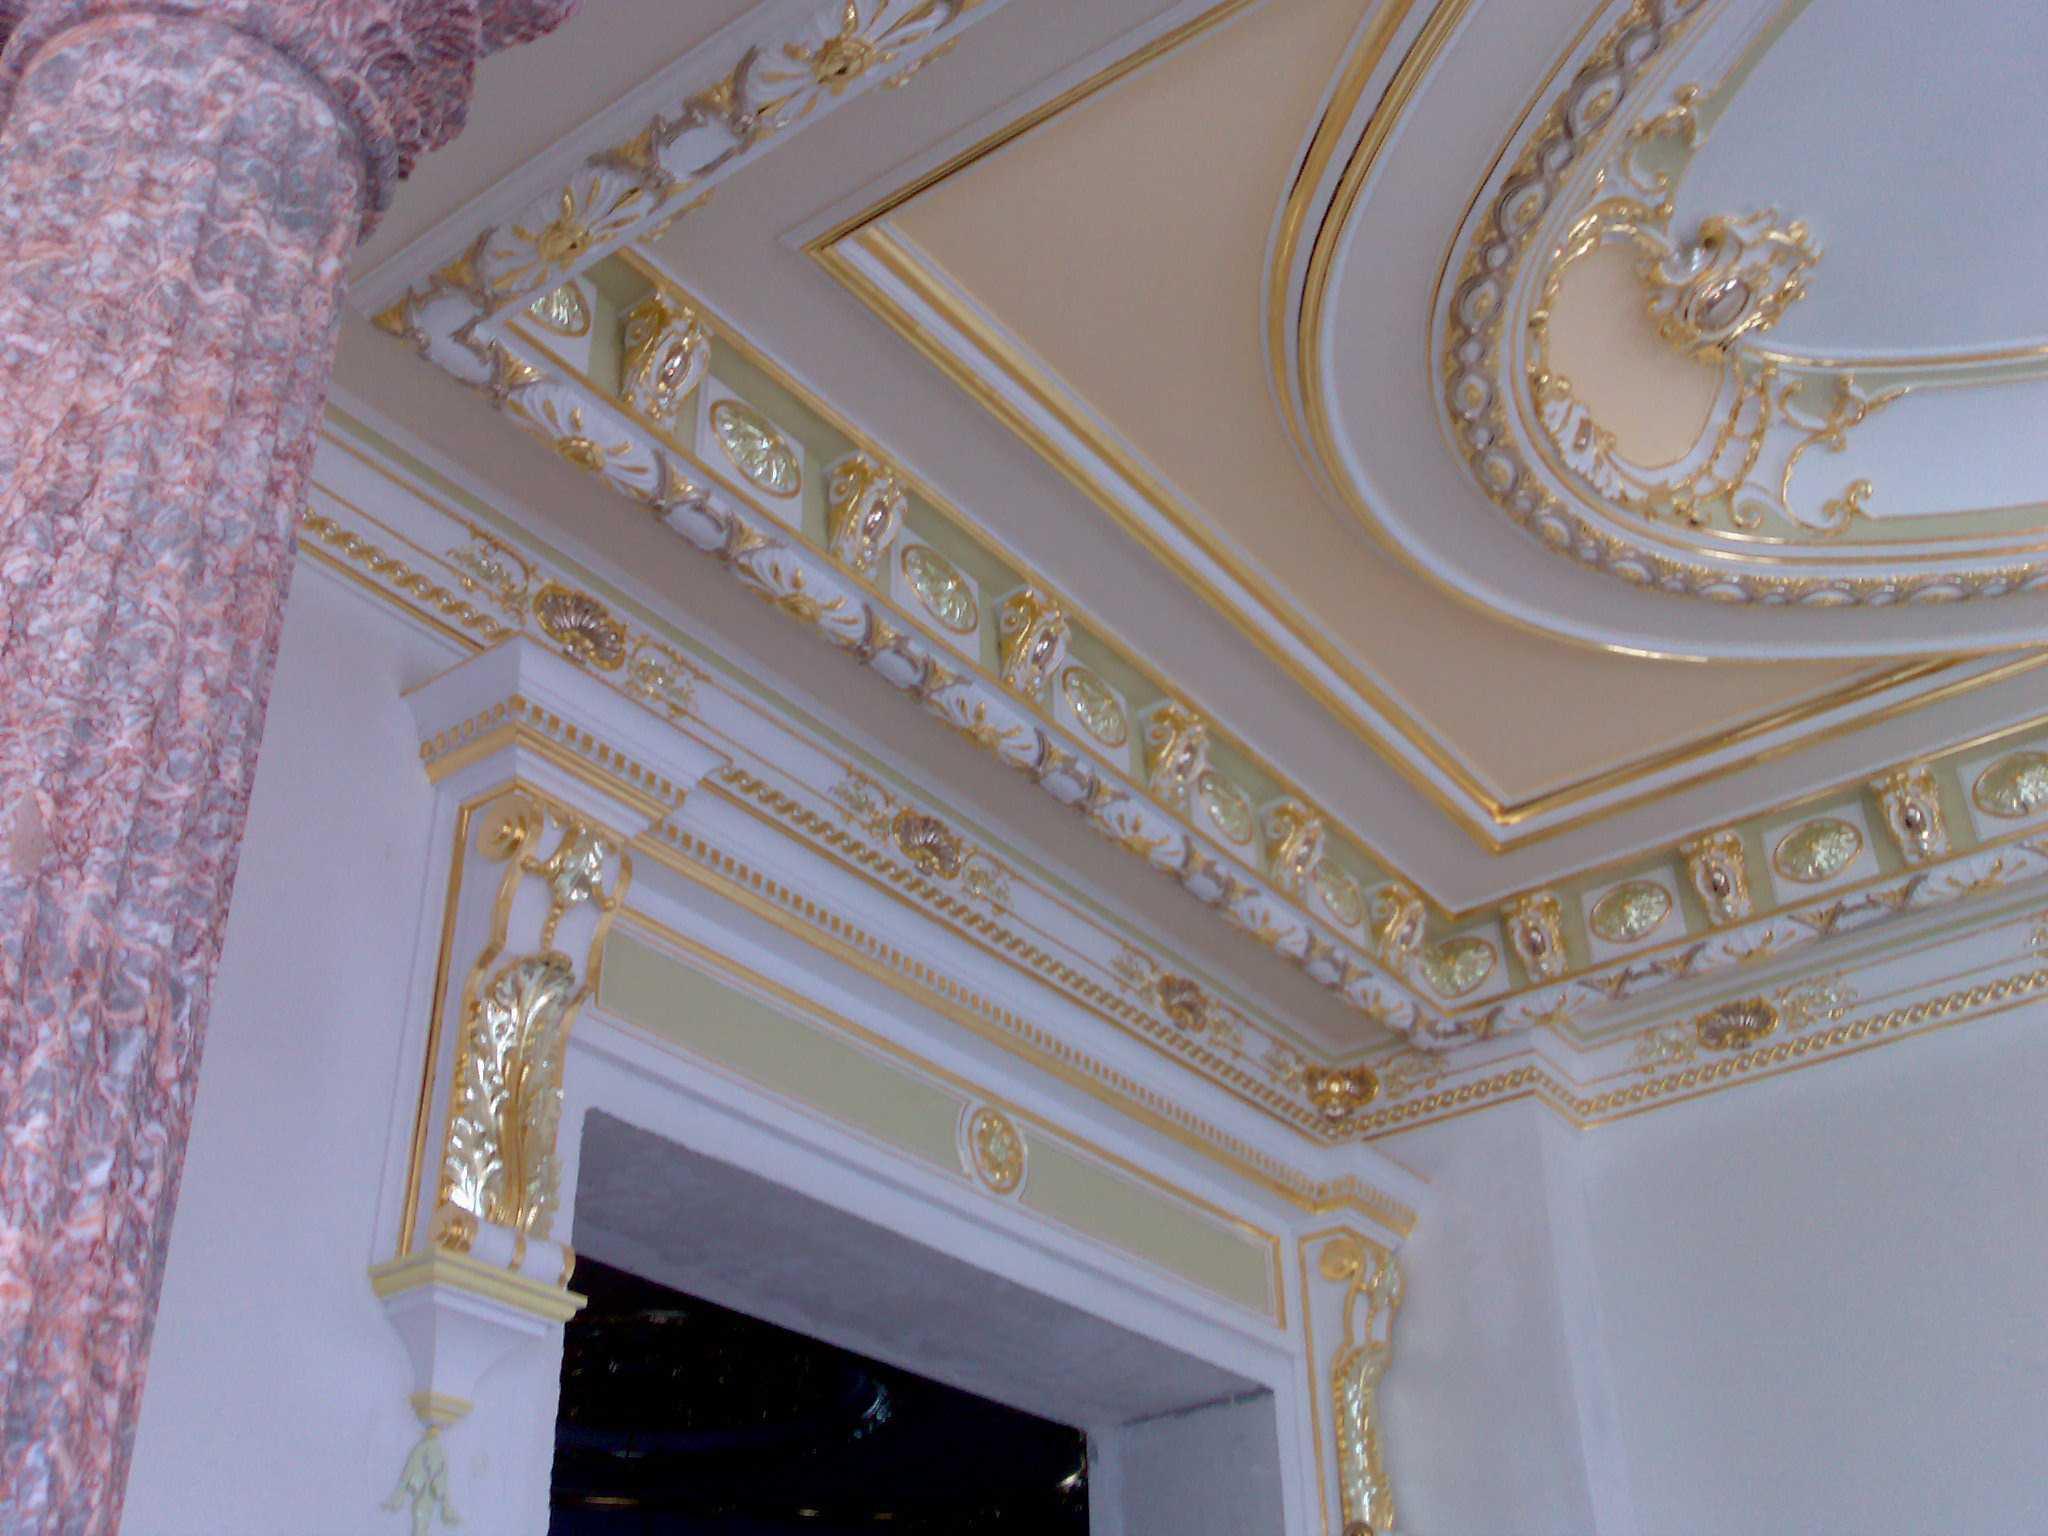 Виды декора потолка: балки, галтели, лепнина, наклейки, молдинги, роспись, фрески, фотопечать и др.